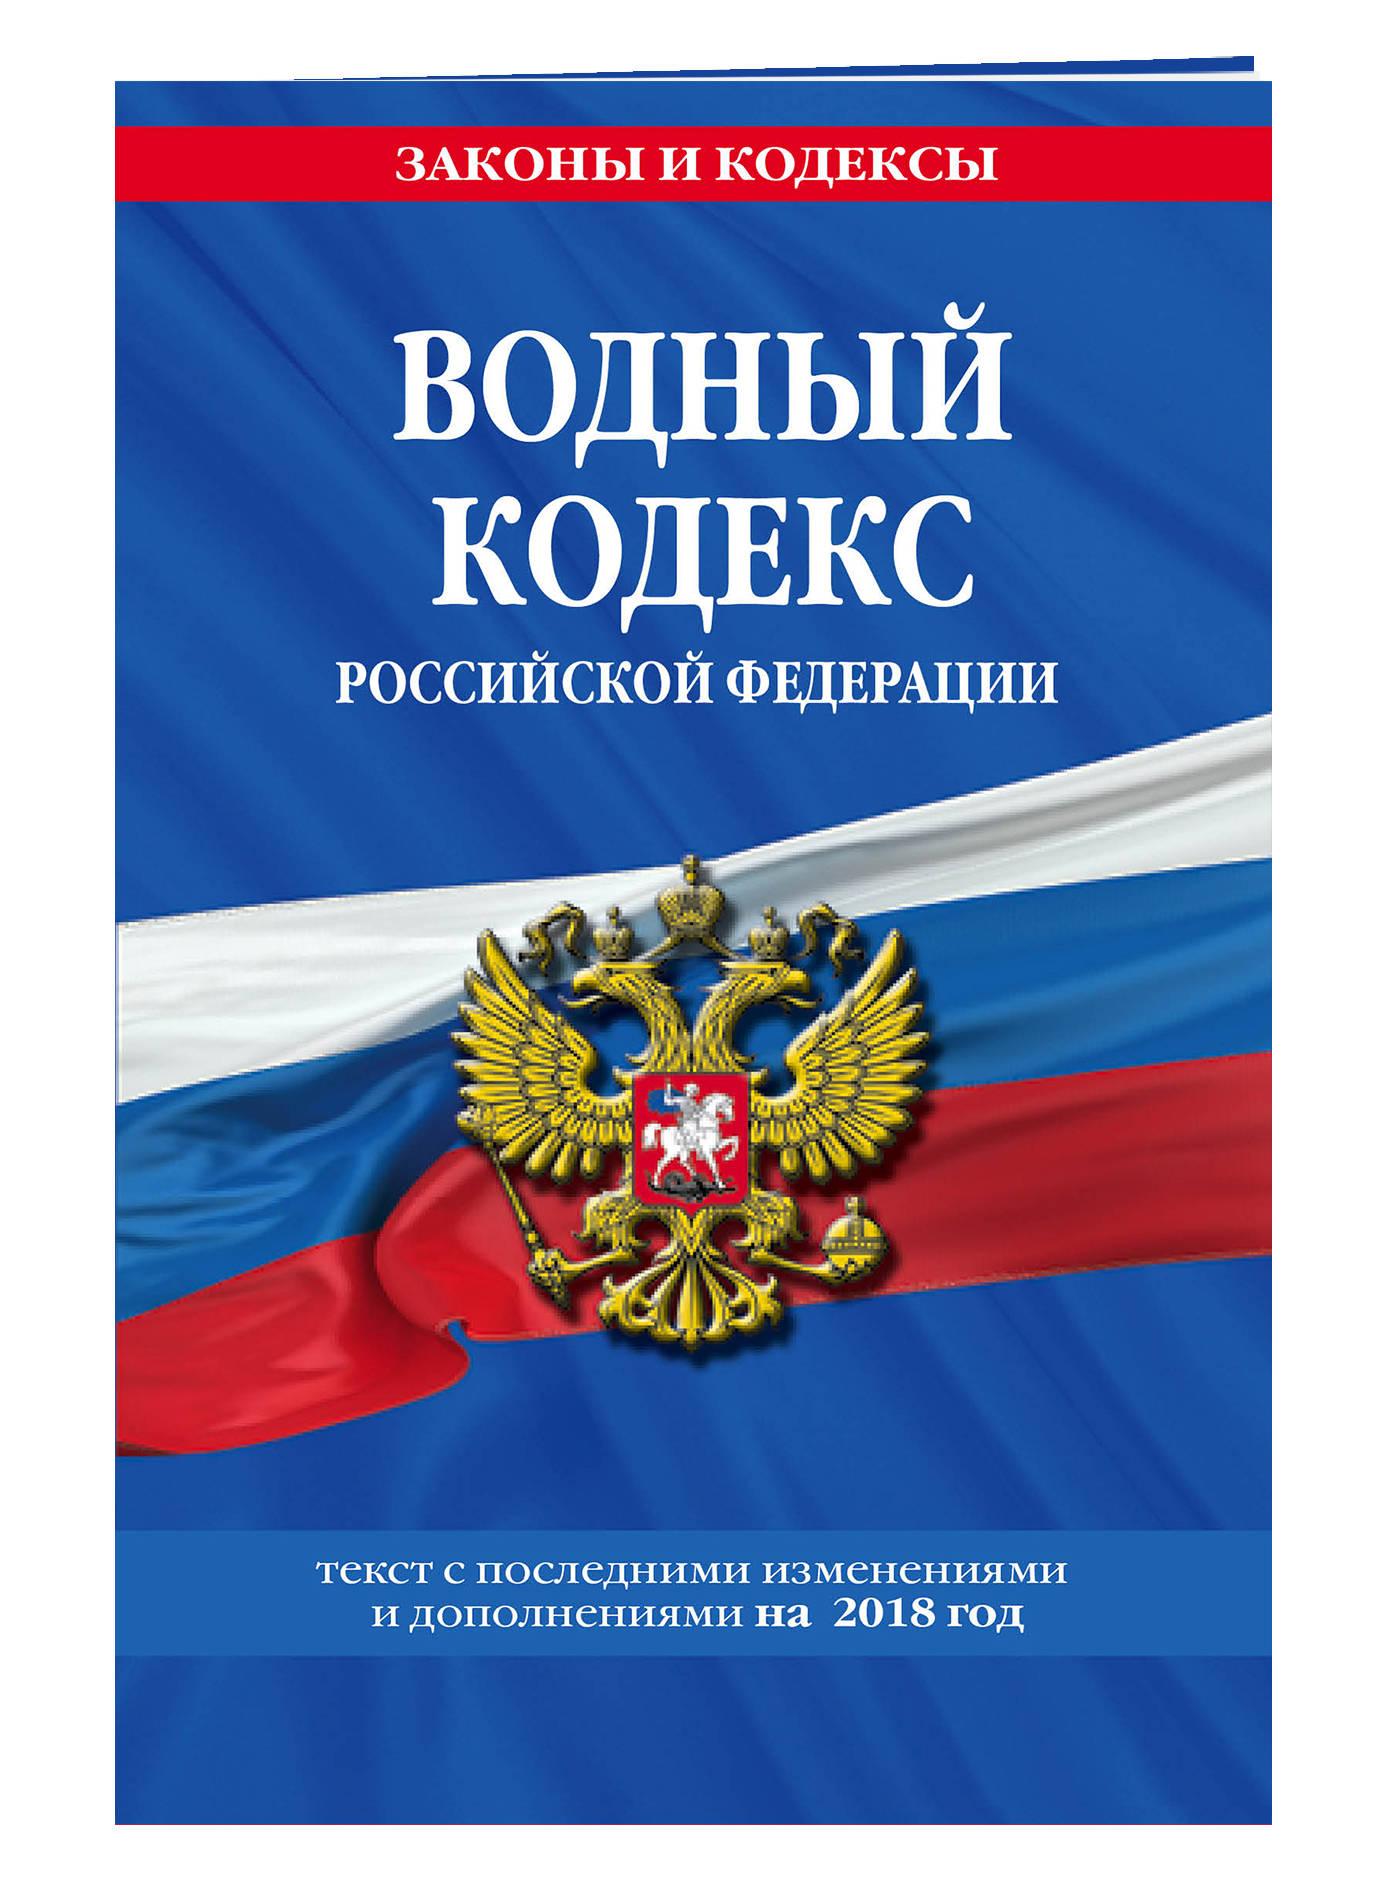 9785040921430 - Водный кодекс Российской Федерации: текст с посл. изм. и доп. на 2018 г. - Книга